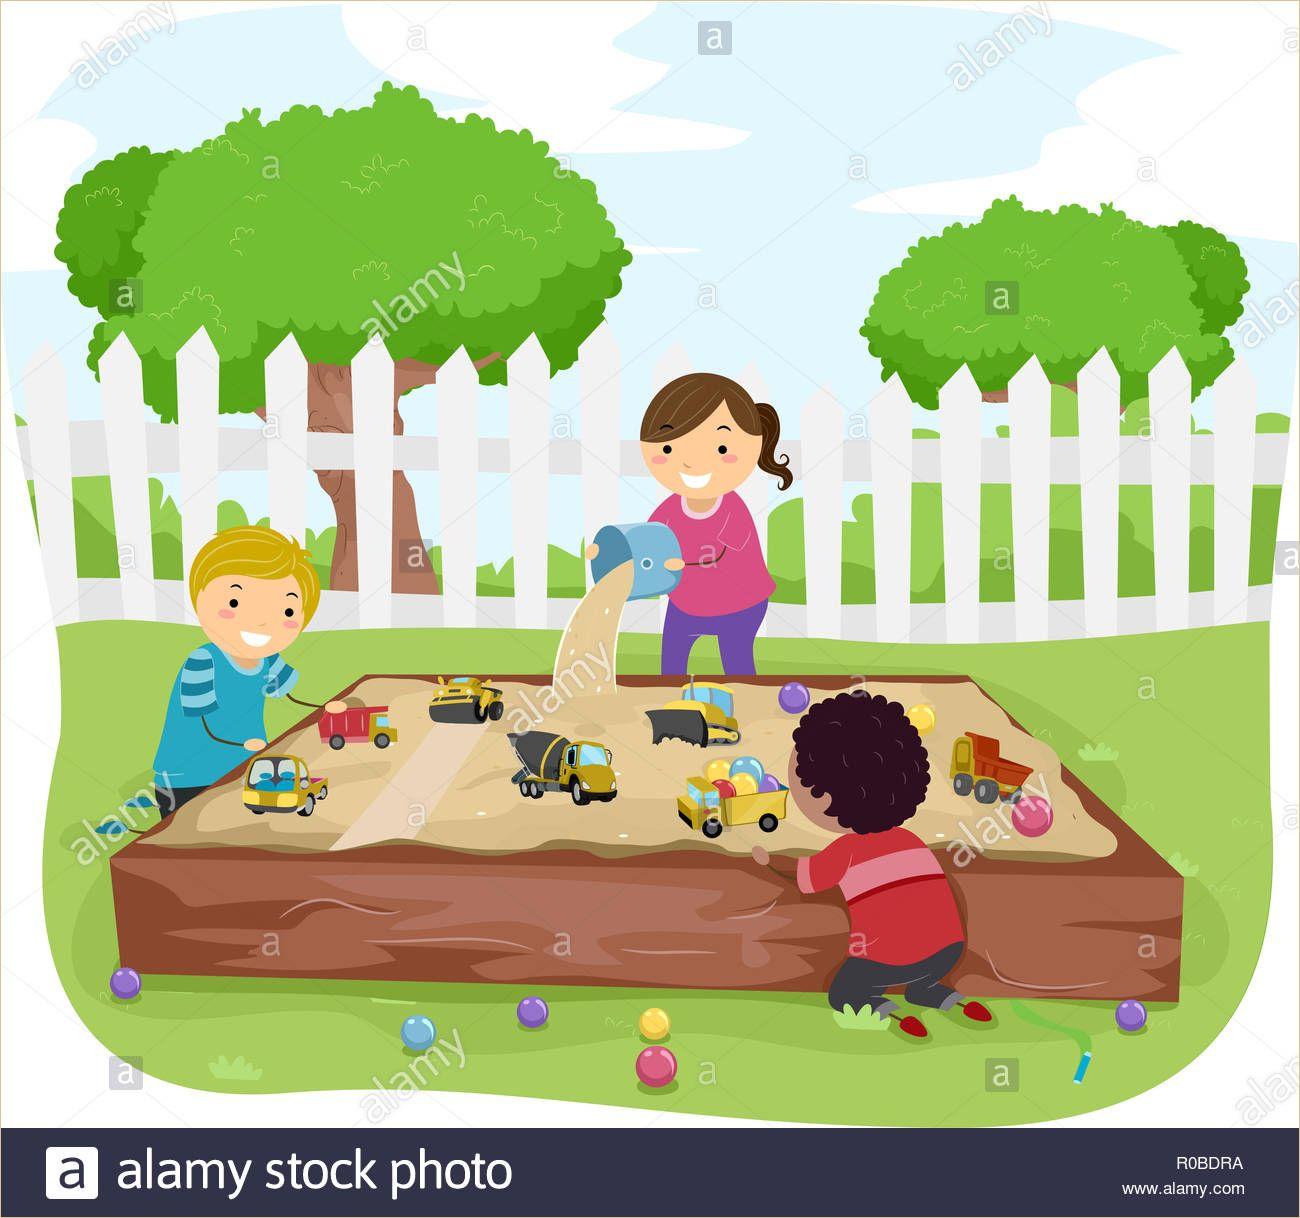 13 Luxurios Kinder Im Garten In 2020 Kinder Spiele Fur Kinder Ddr Spielzeug